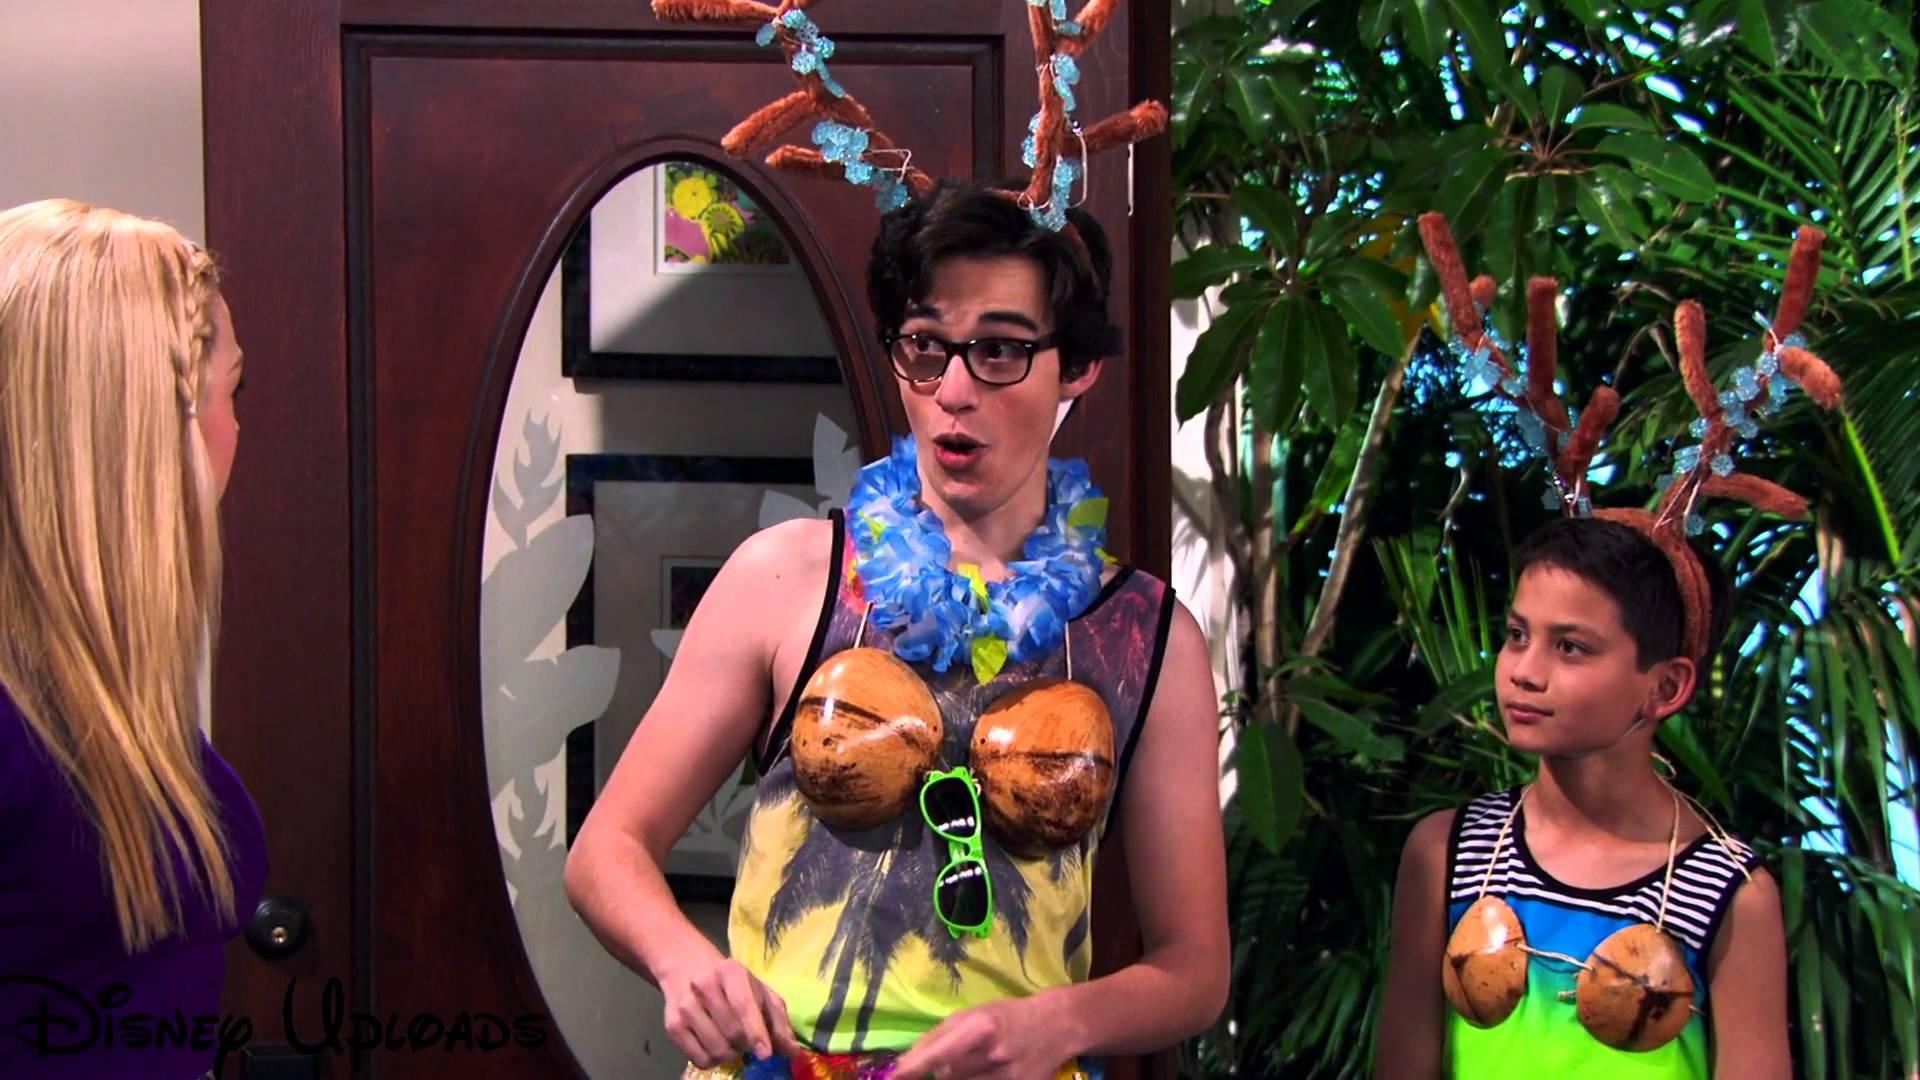 Disney aloha holidays